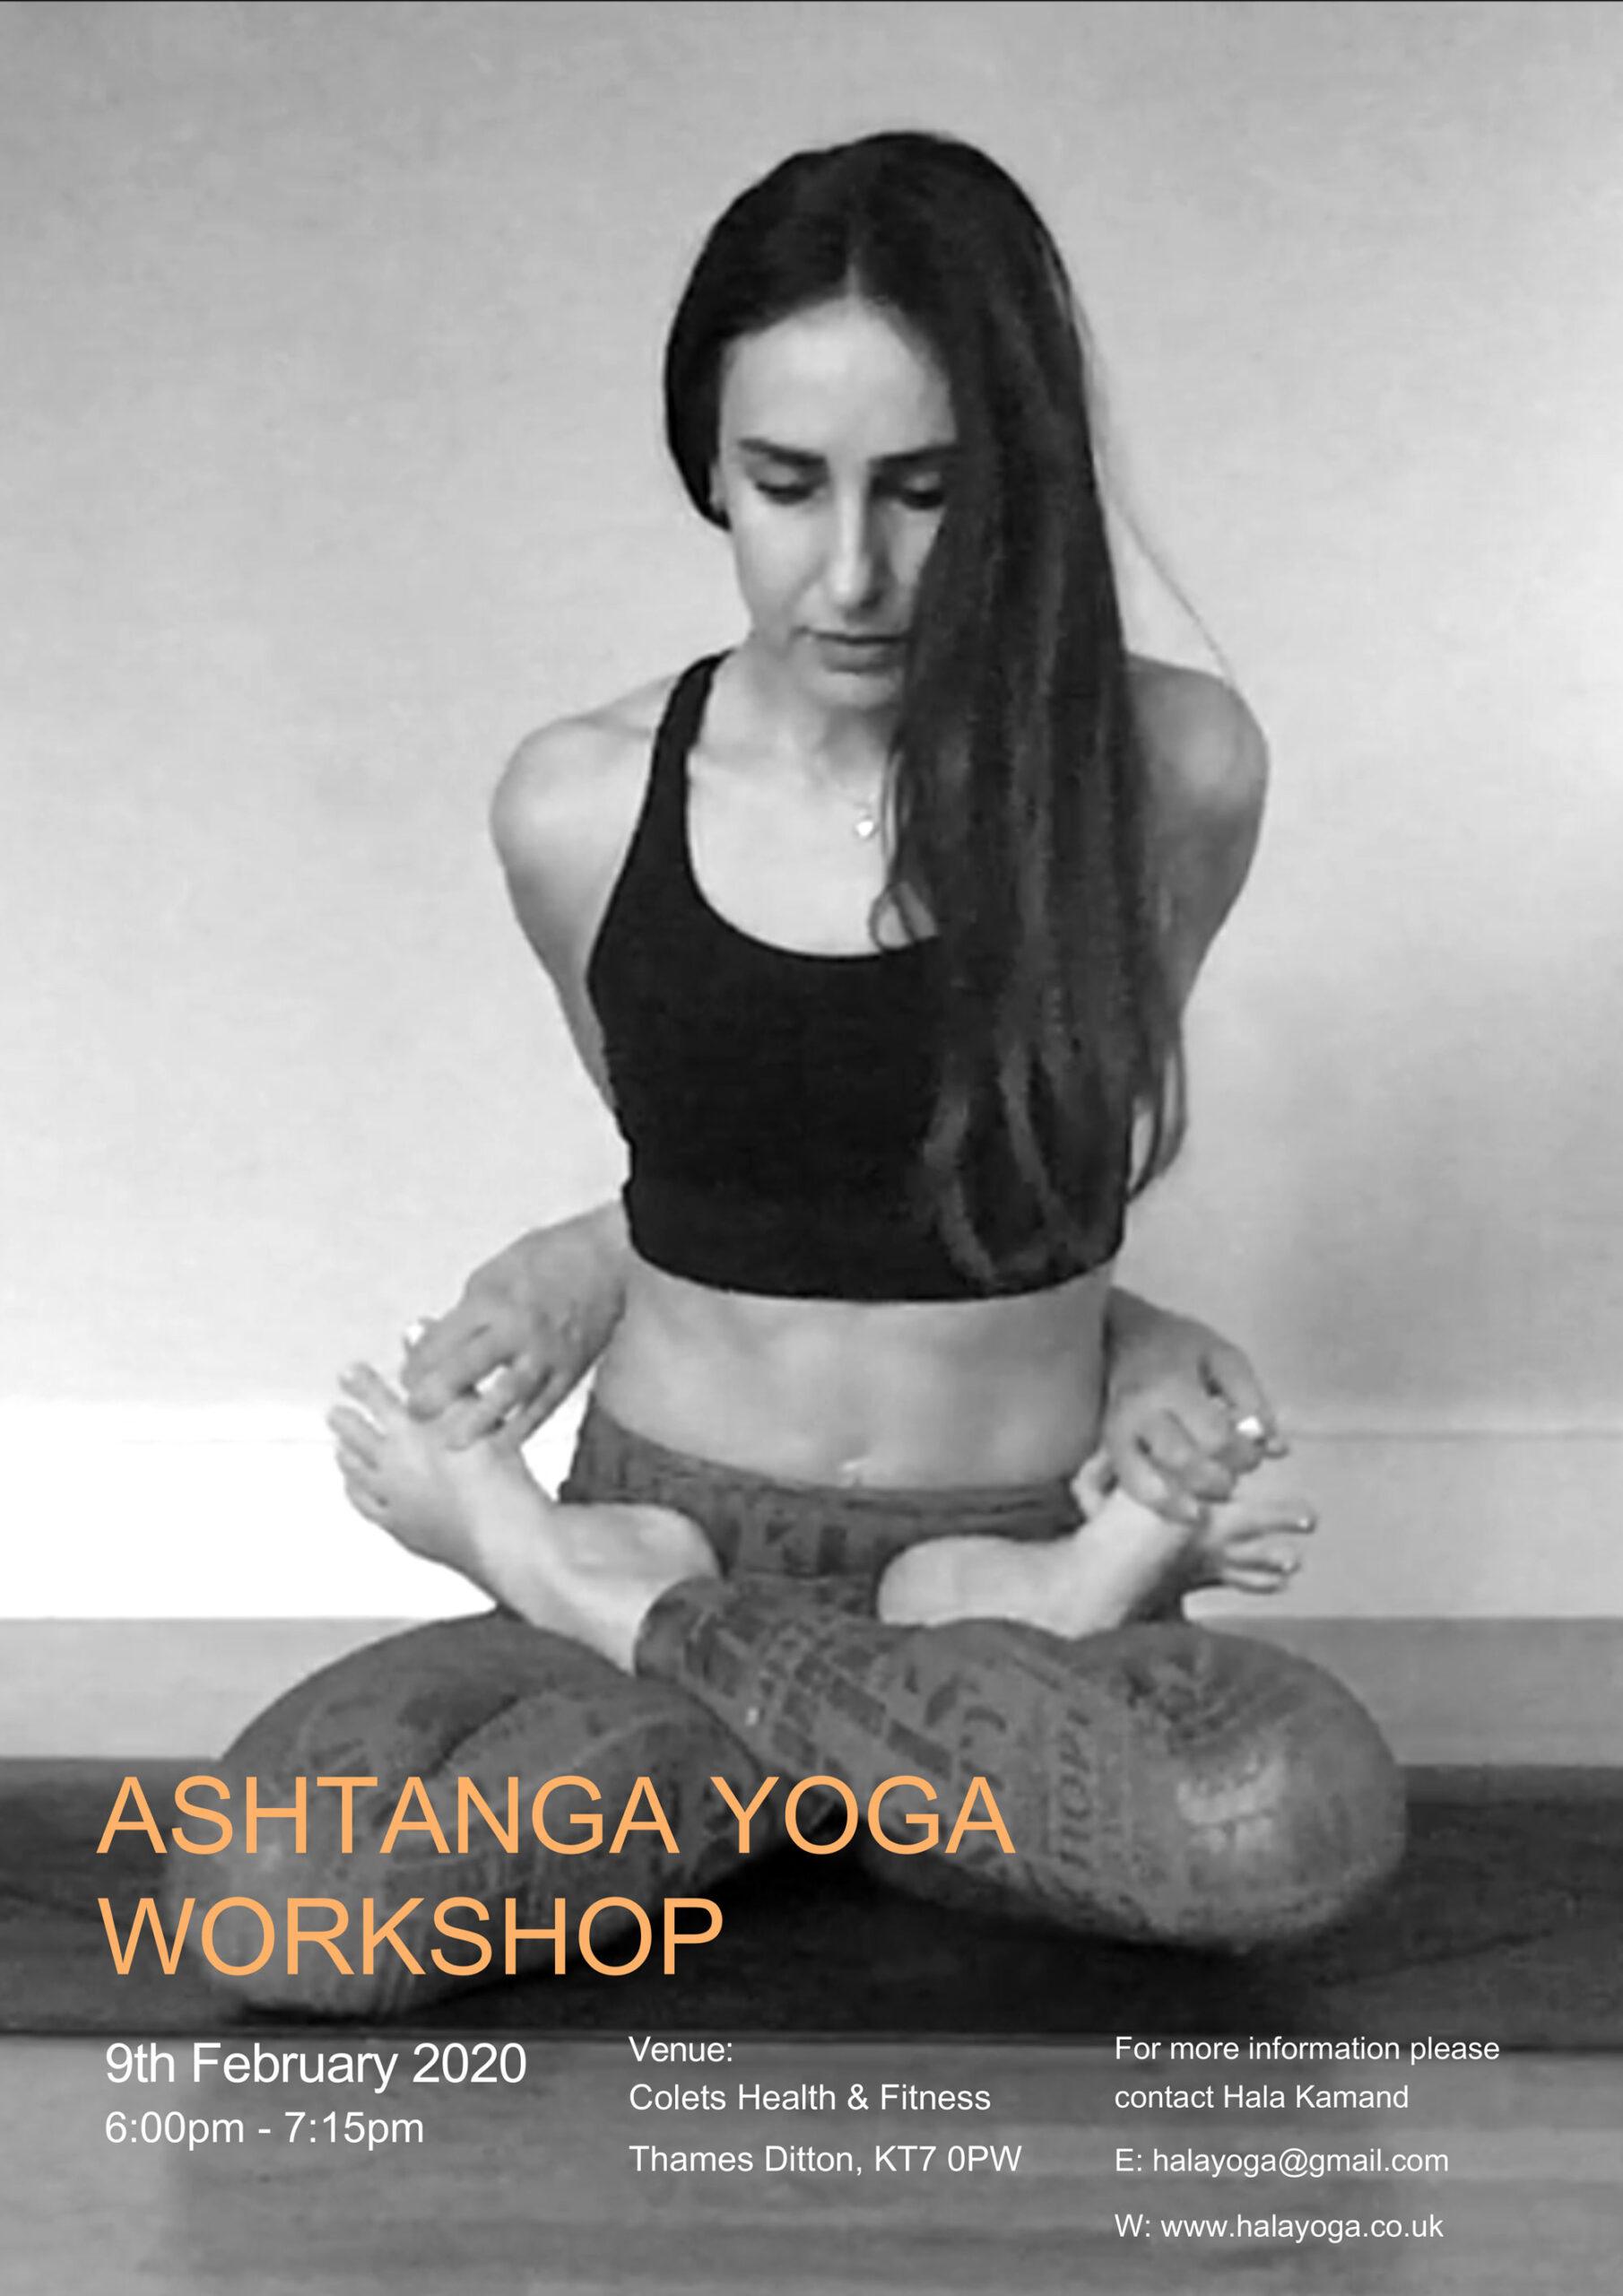 Ashtanga Yoga Workshop